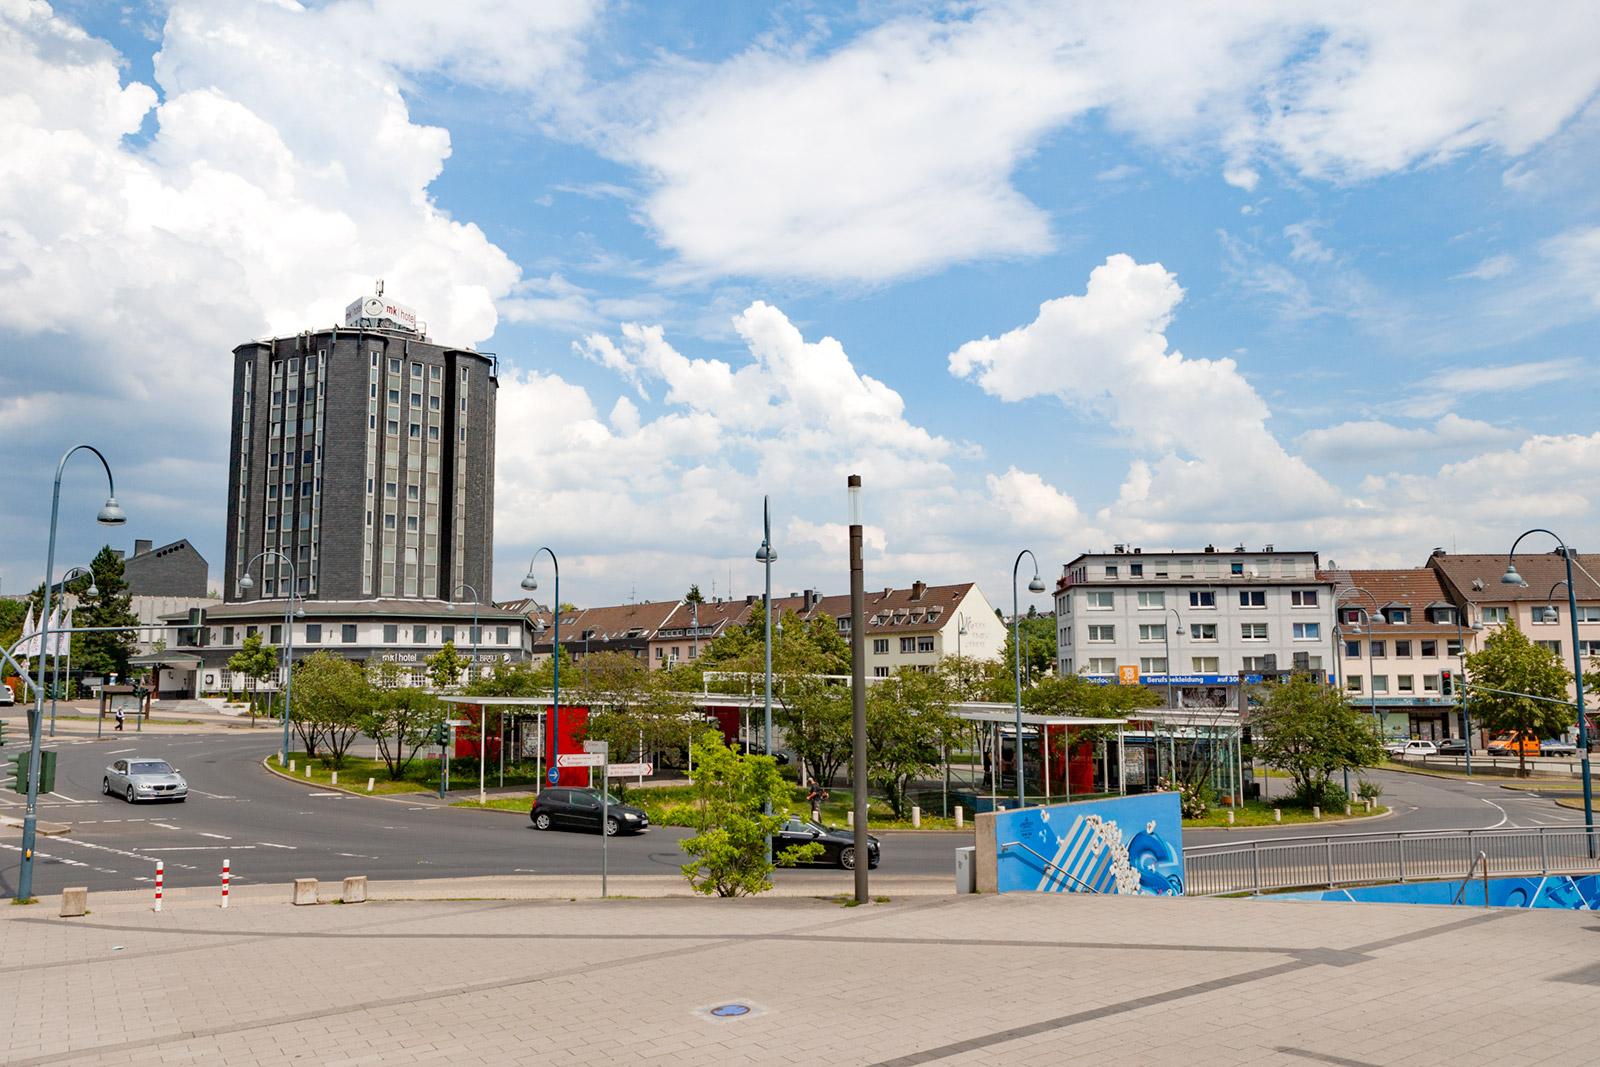 neue Bushaltestelle am Hauptbahnhof für CE 63 – Cityexpress -